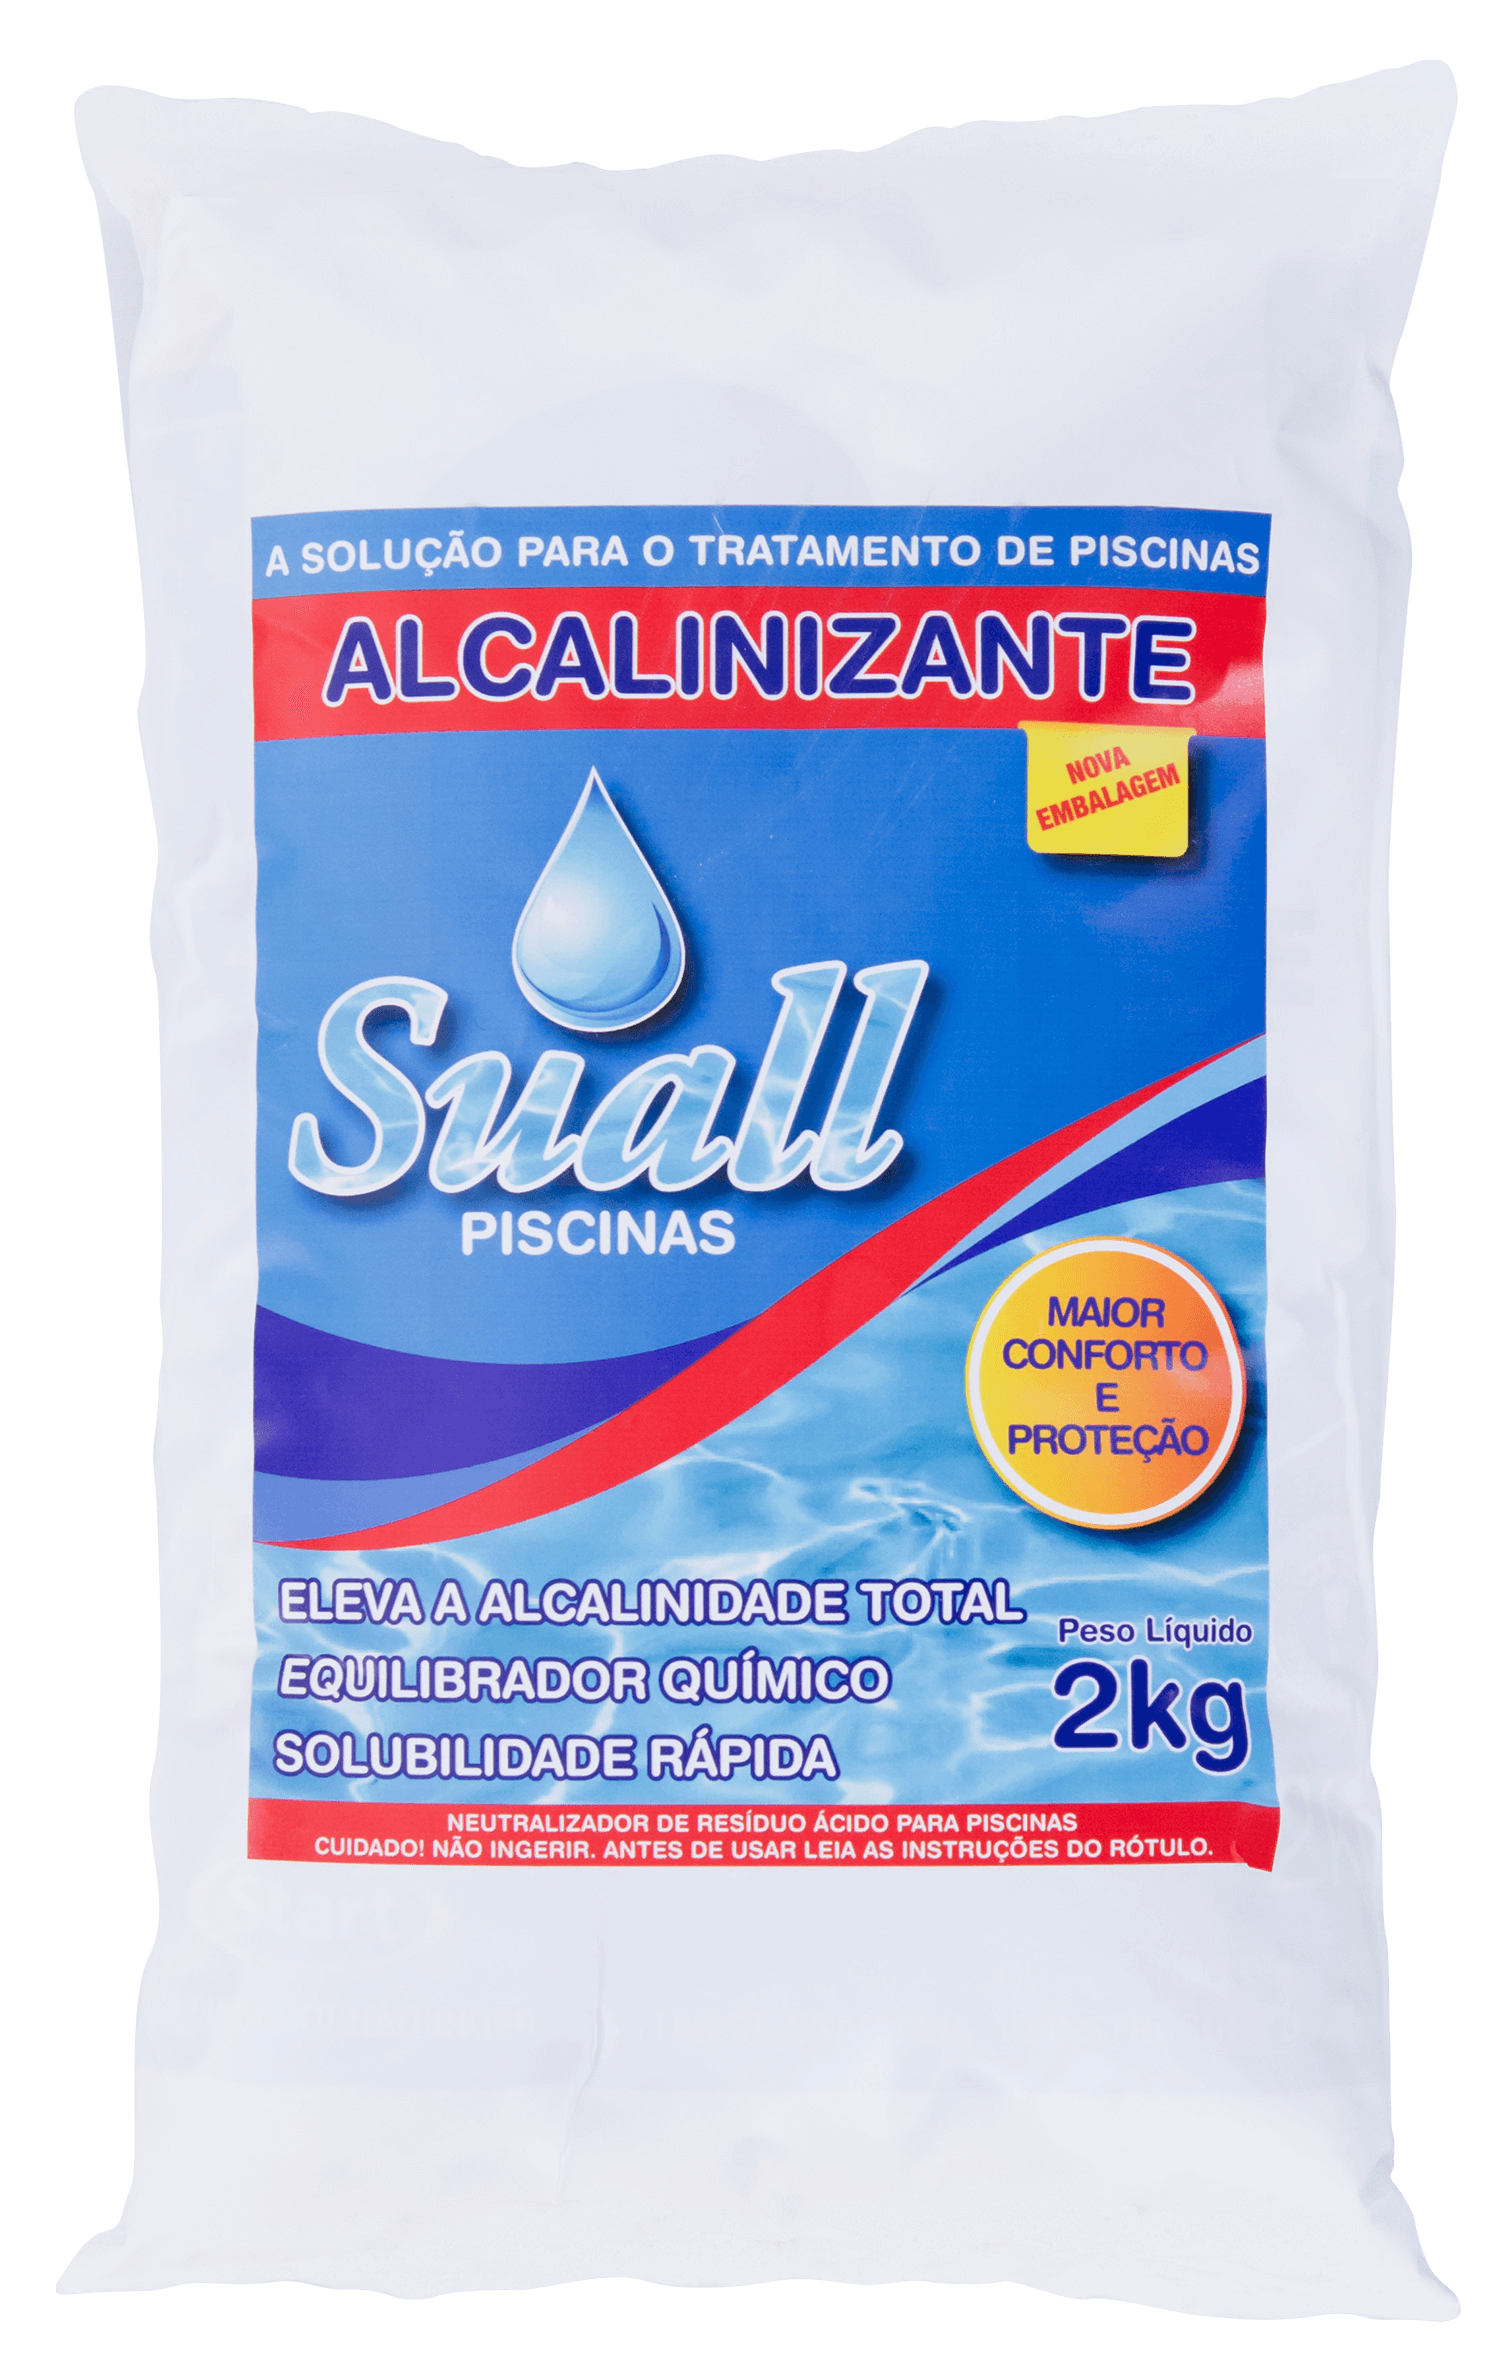 ALCALINIZANTE - BICARBONATO DE SÓDIO